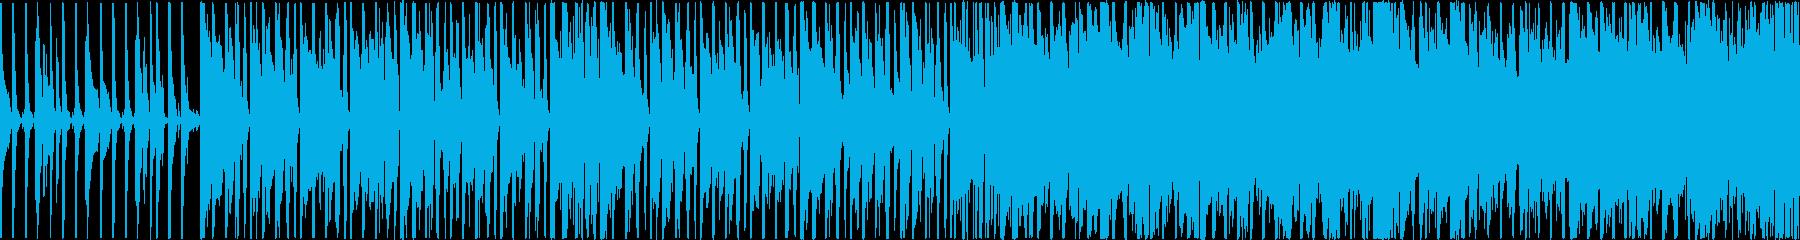 にぎやかな雰囲気の明るいポップスの再生済みの波形